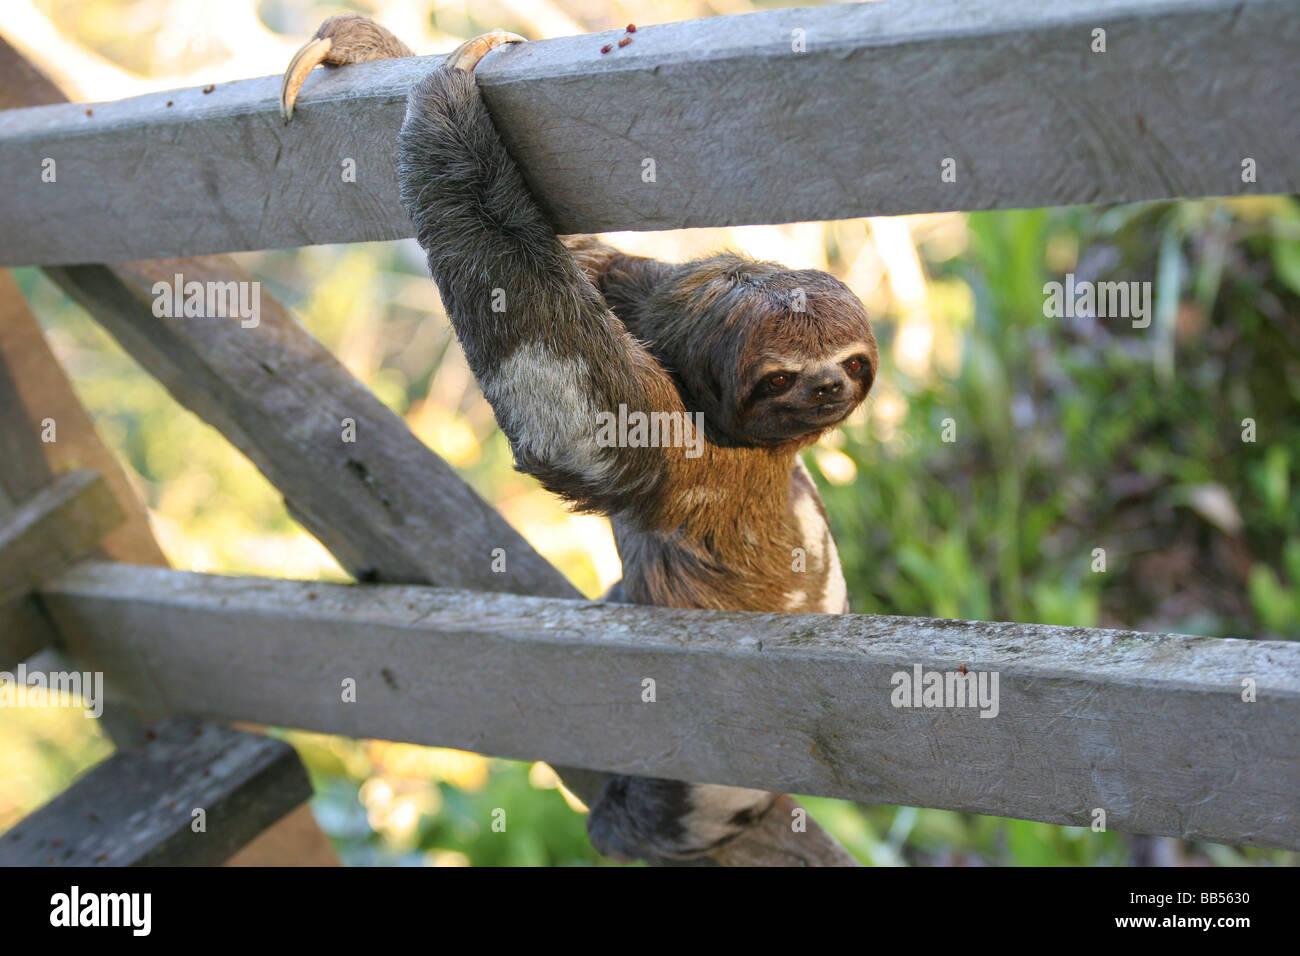 Klettergerüst Um Baum : Dreifingerfaultier klettergerüst ein baum im amazonas regenwald